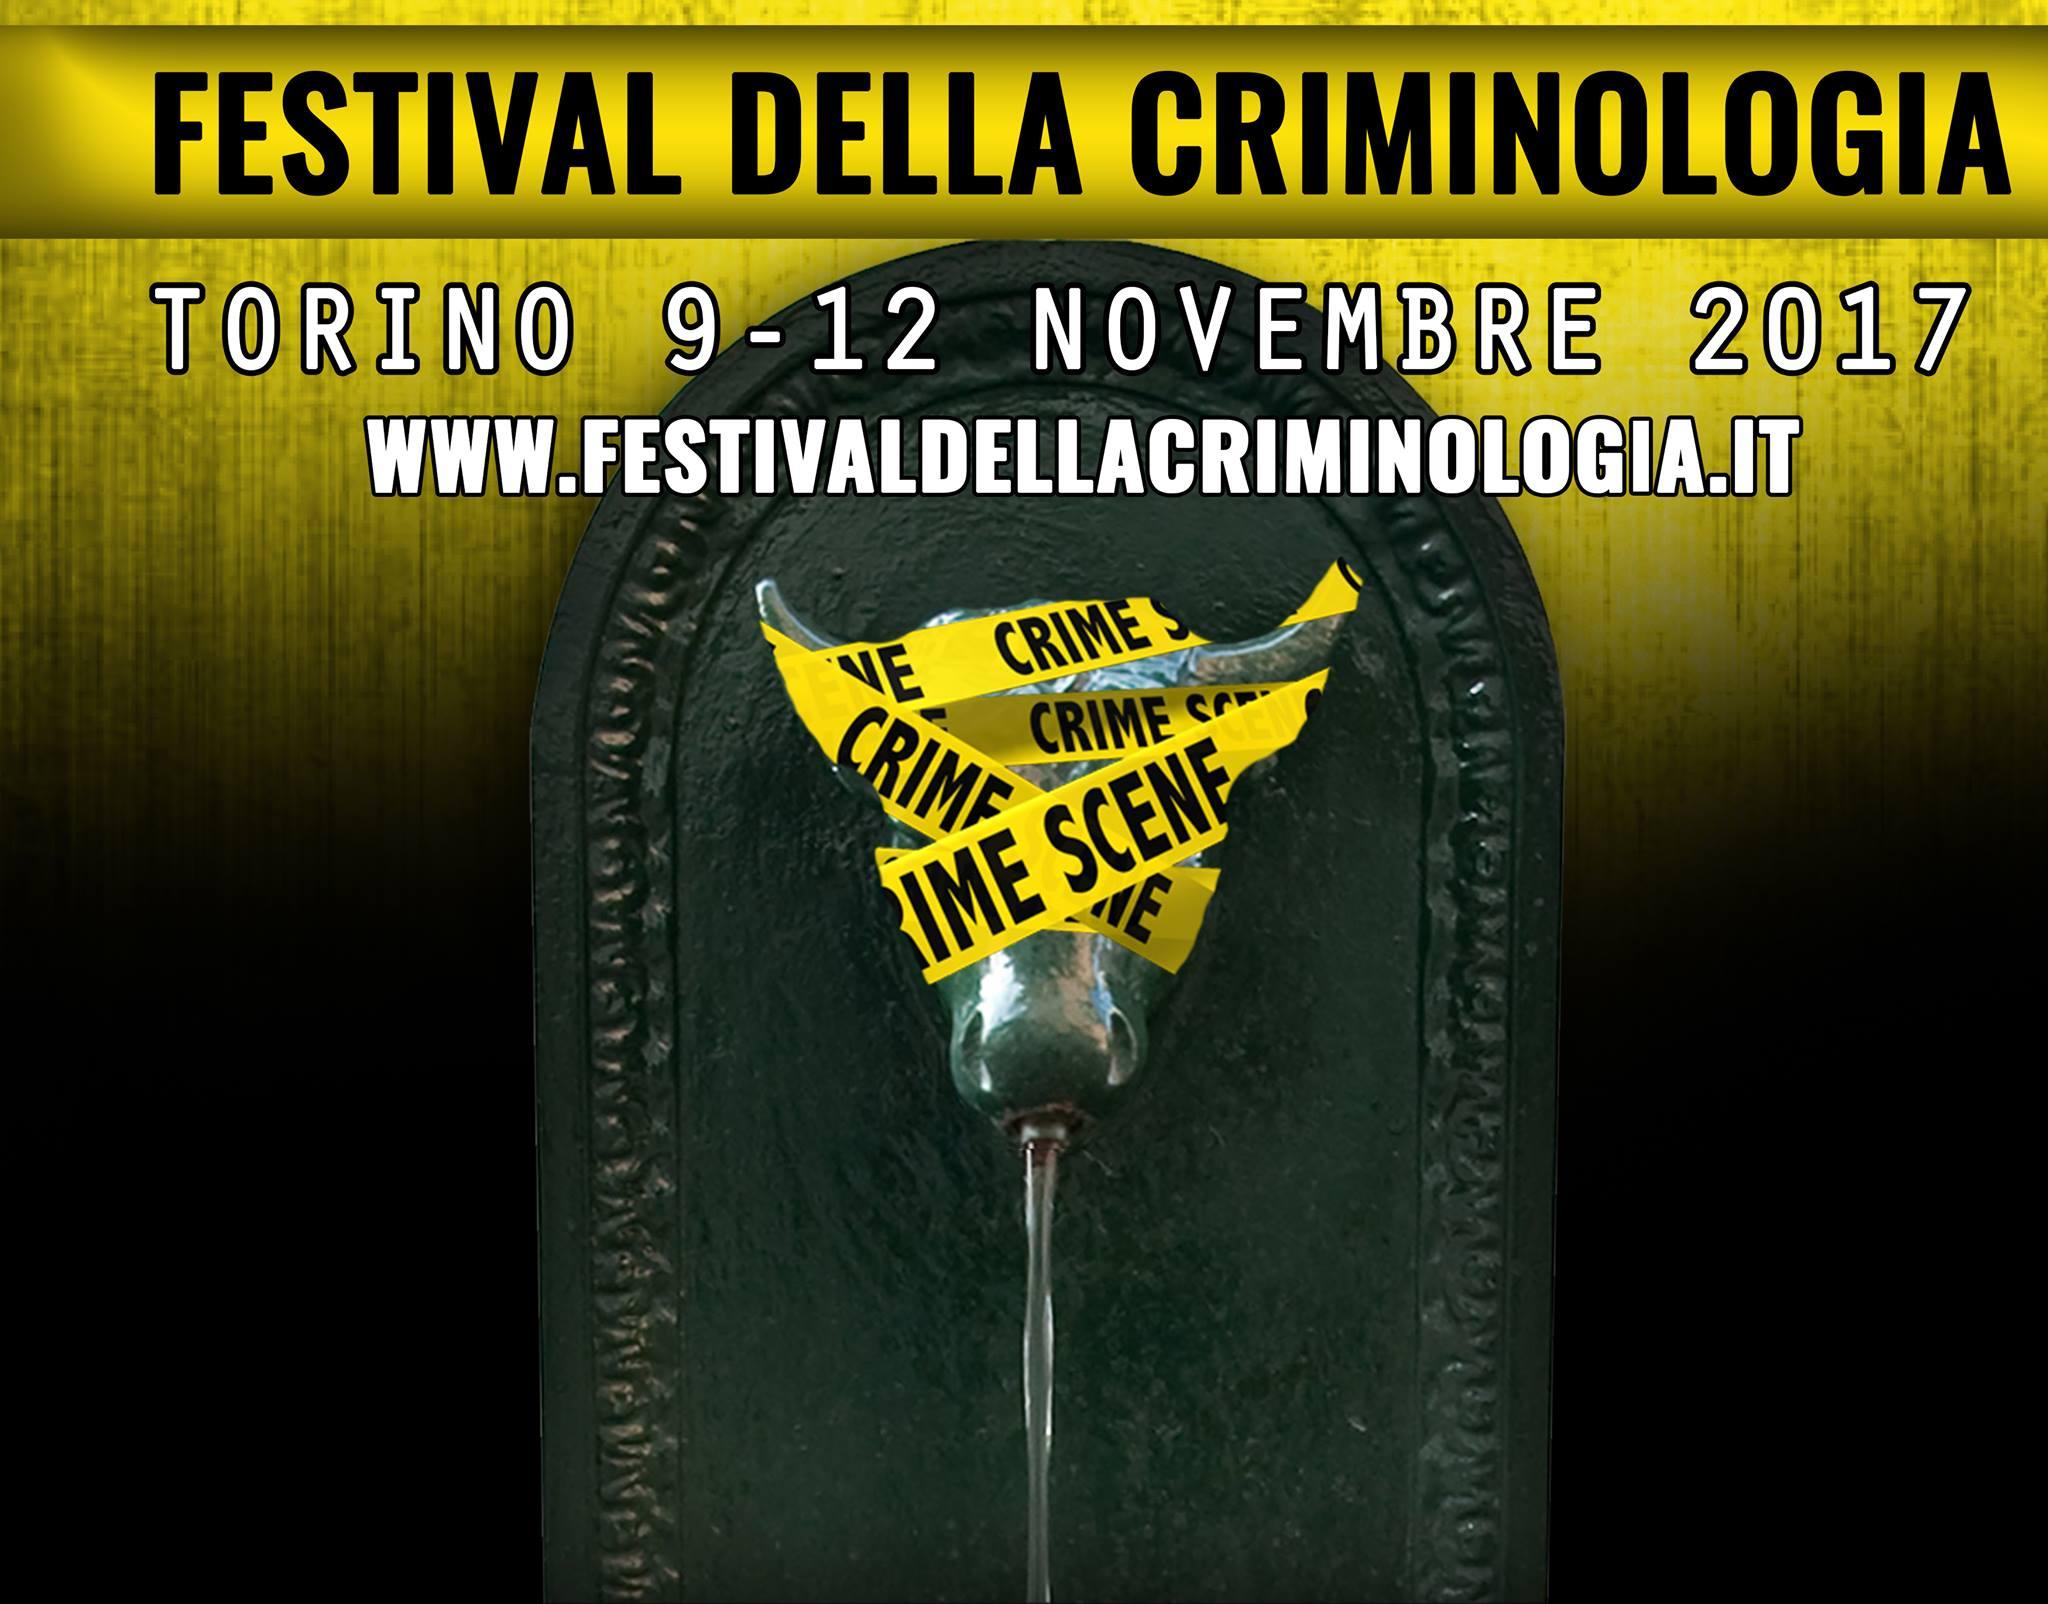 A Palazzo Ceriana Mayneri: Festival della Criminologia 9/12 novembre